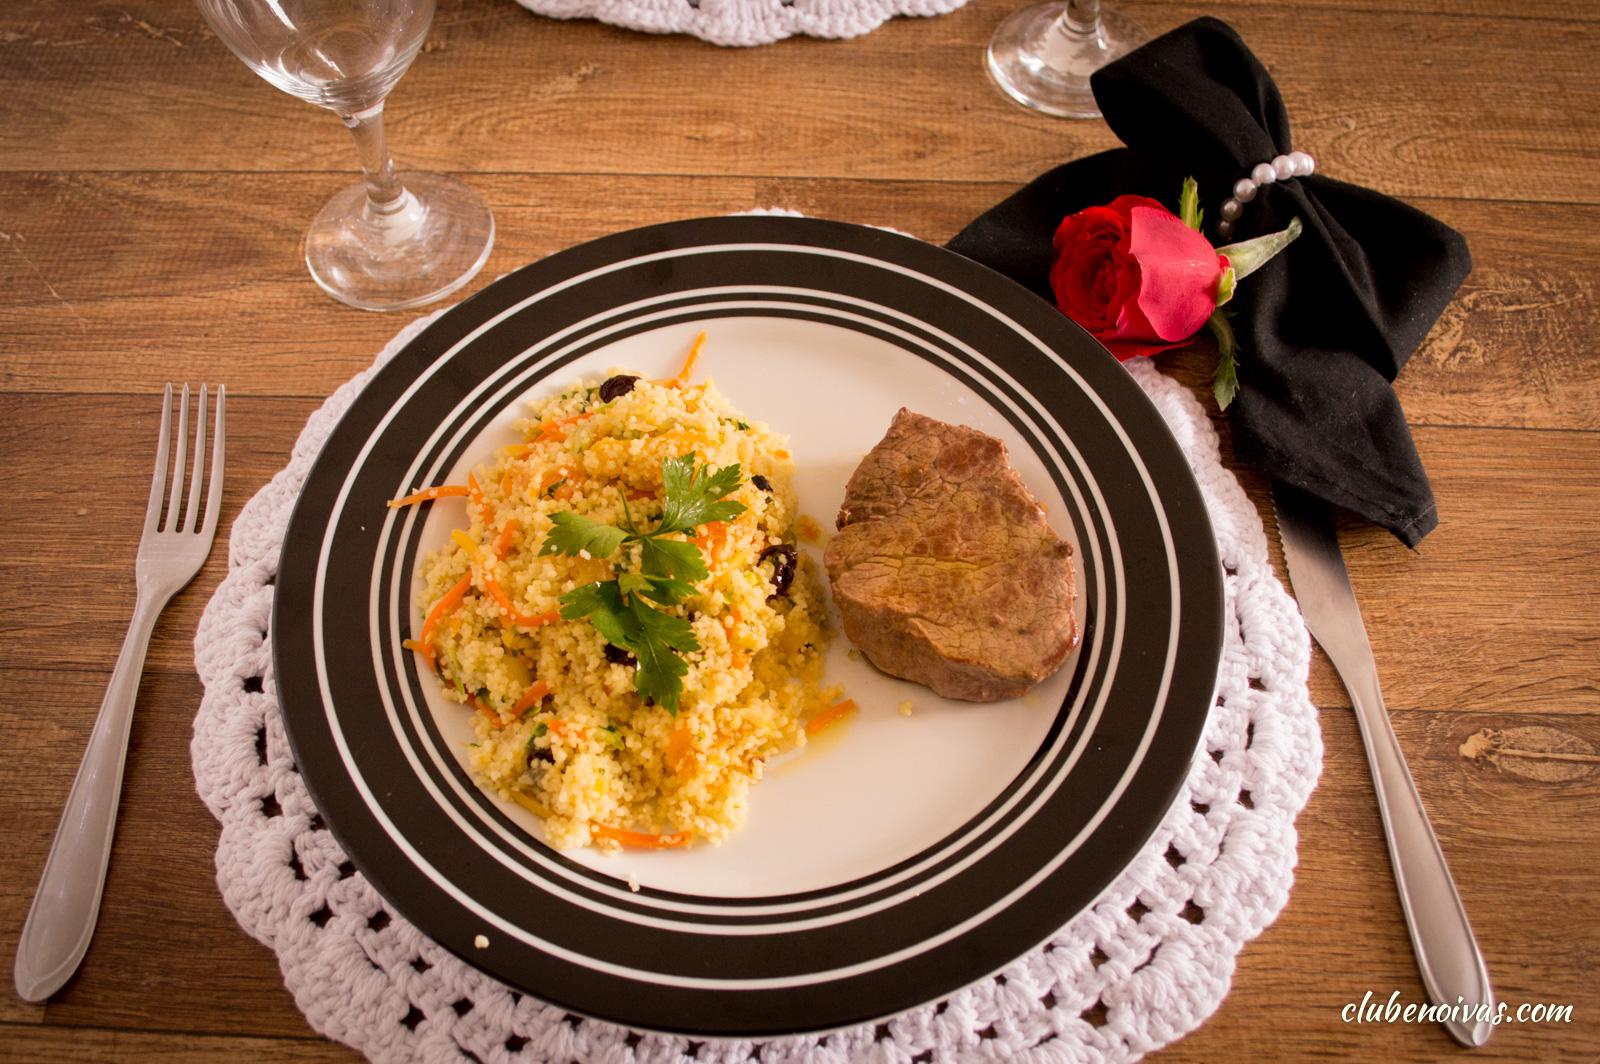 Receitas Do Jantar De Aniversário Risoto Carne E Bolo Clube Noivas